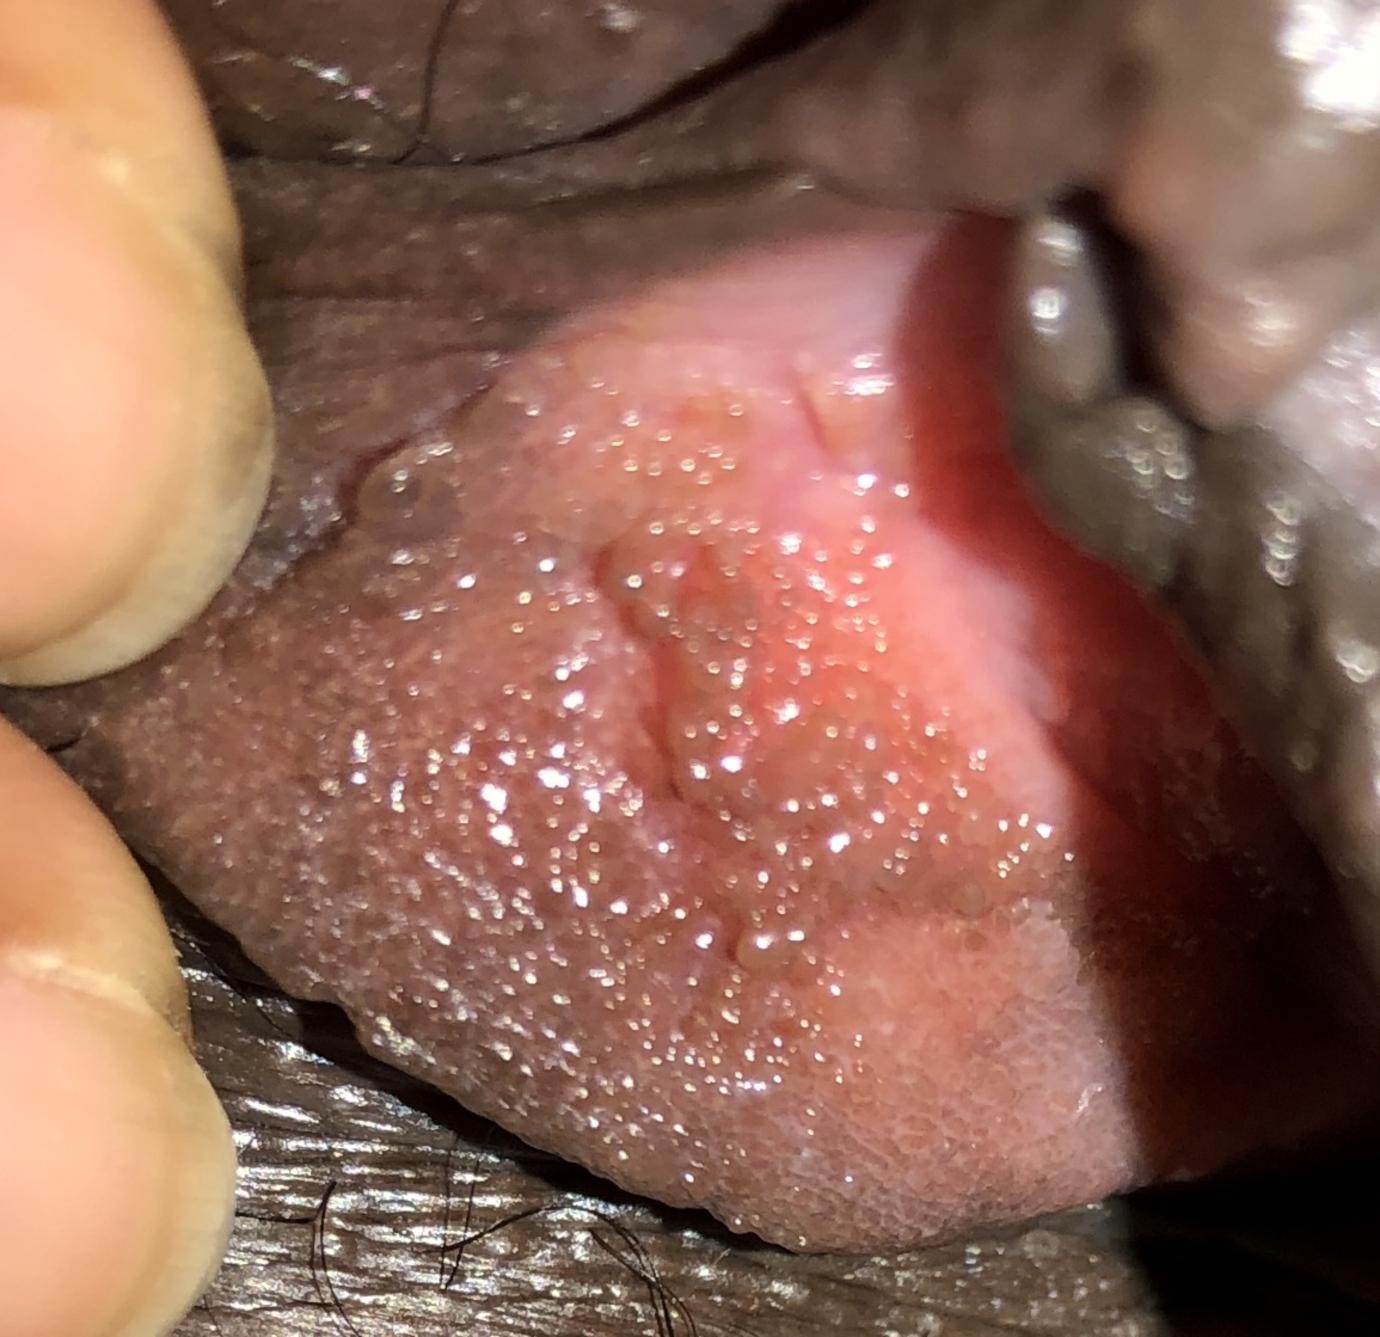 benign vestibular papillomatosis